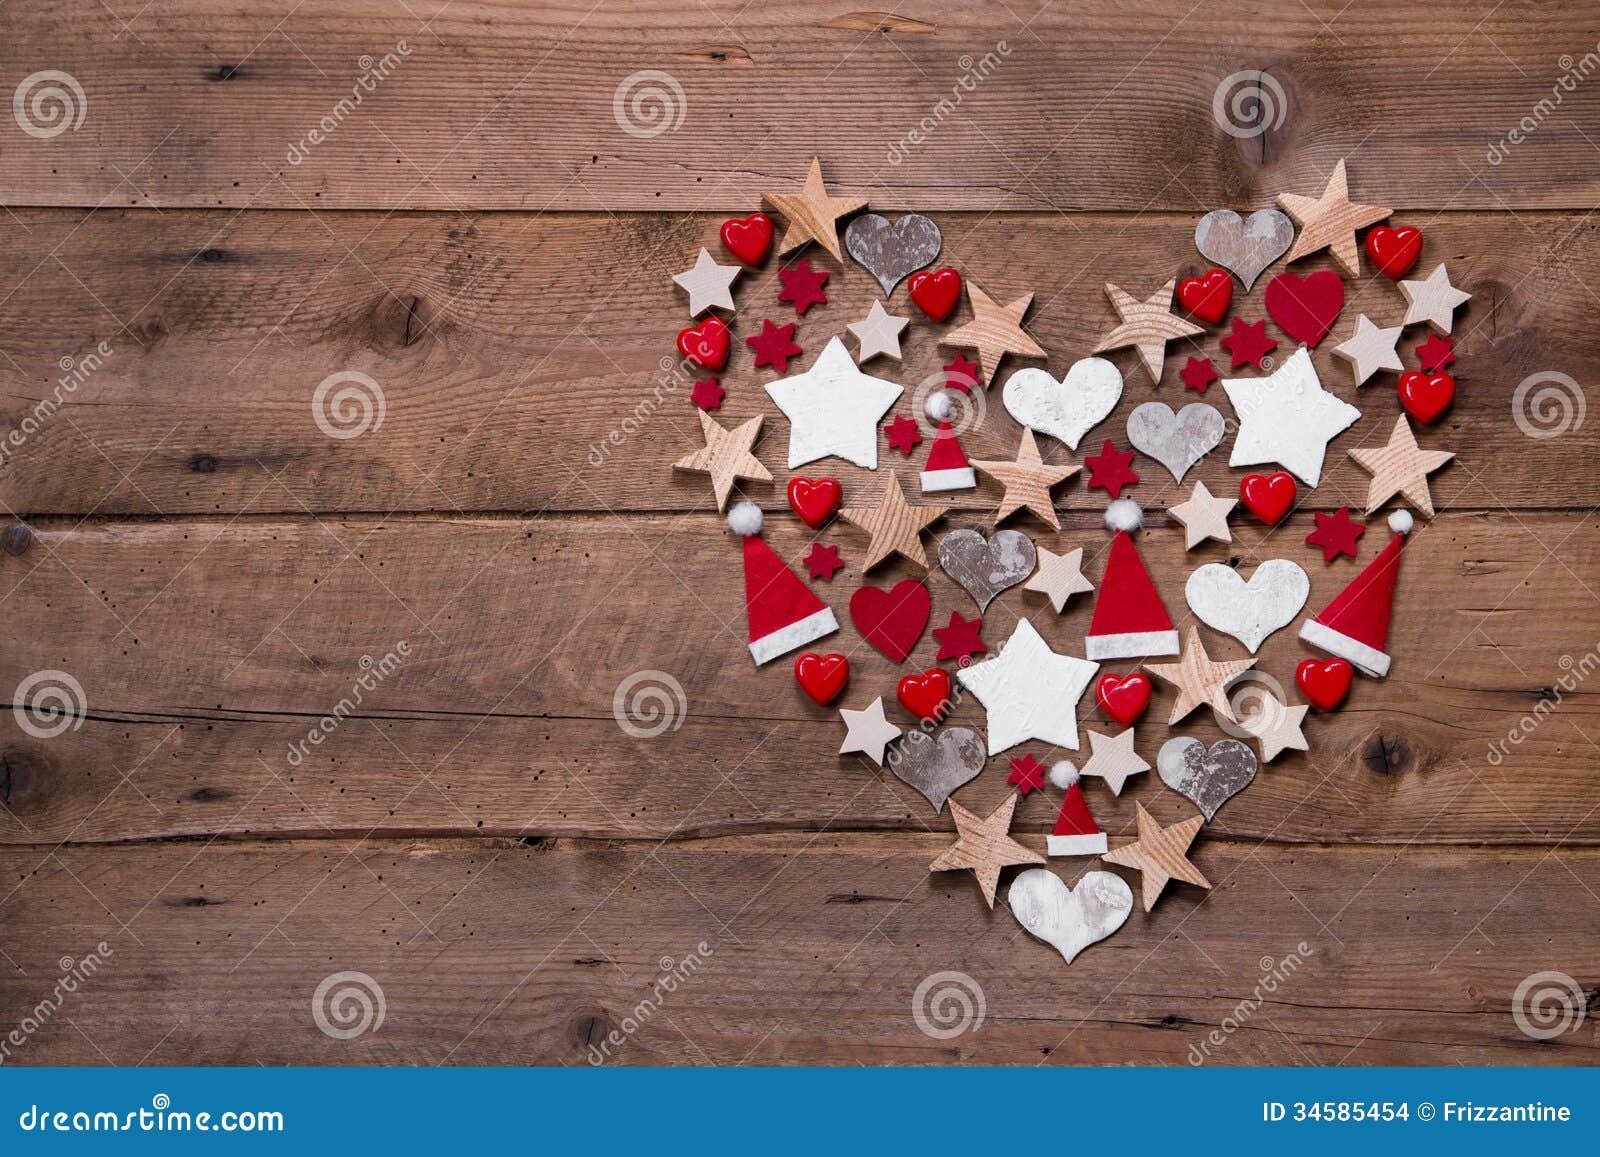 Coeur de no l sur un fond en bois d coration en rouge et - Decoration coeur en bois ...